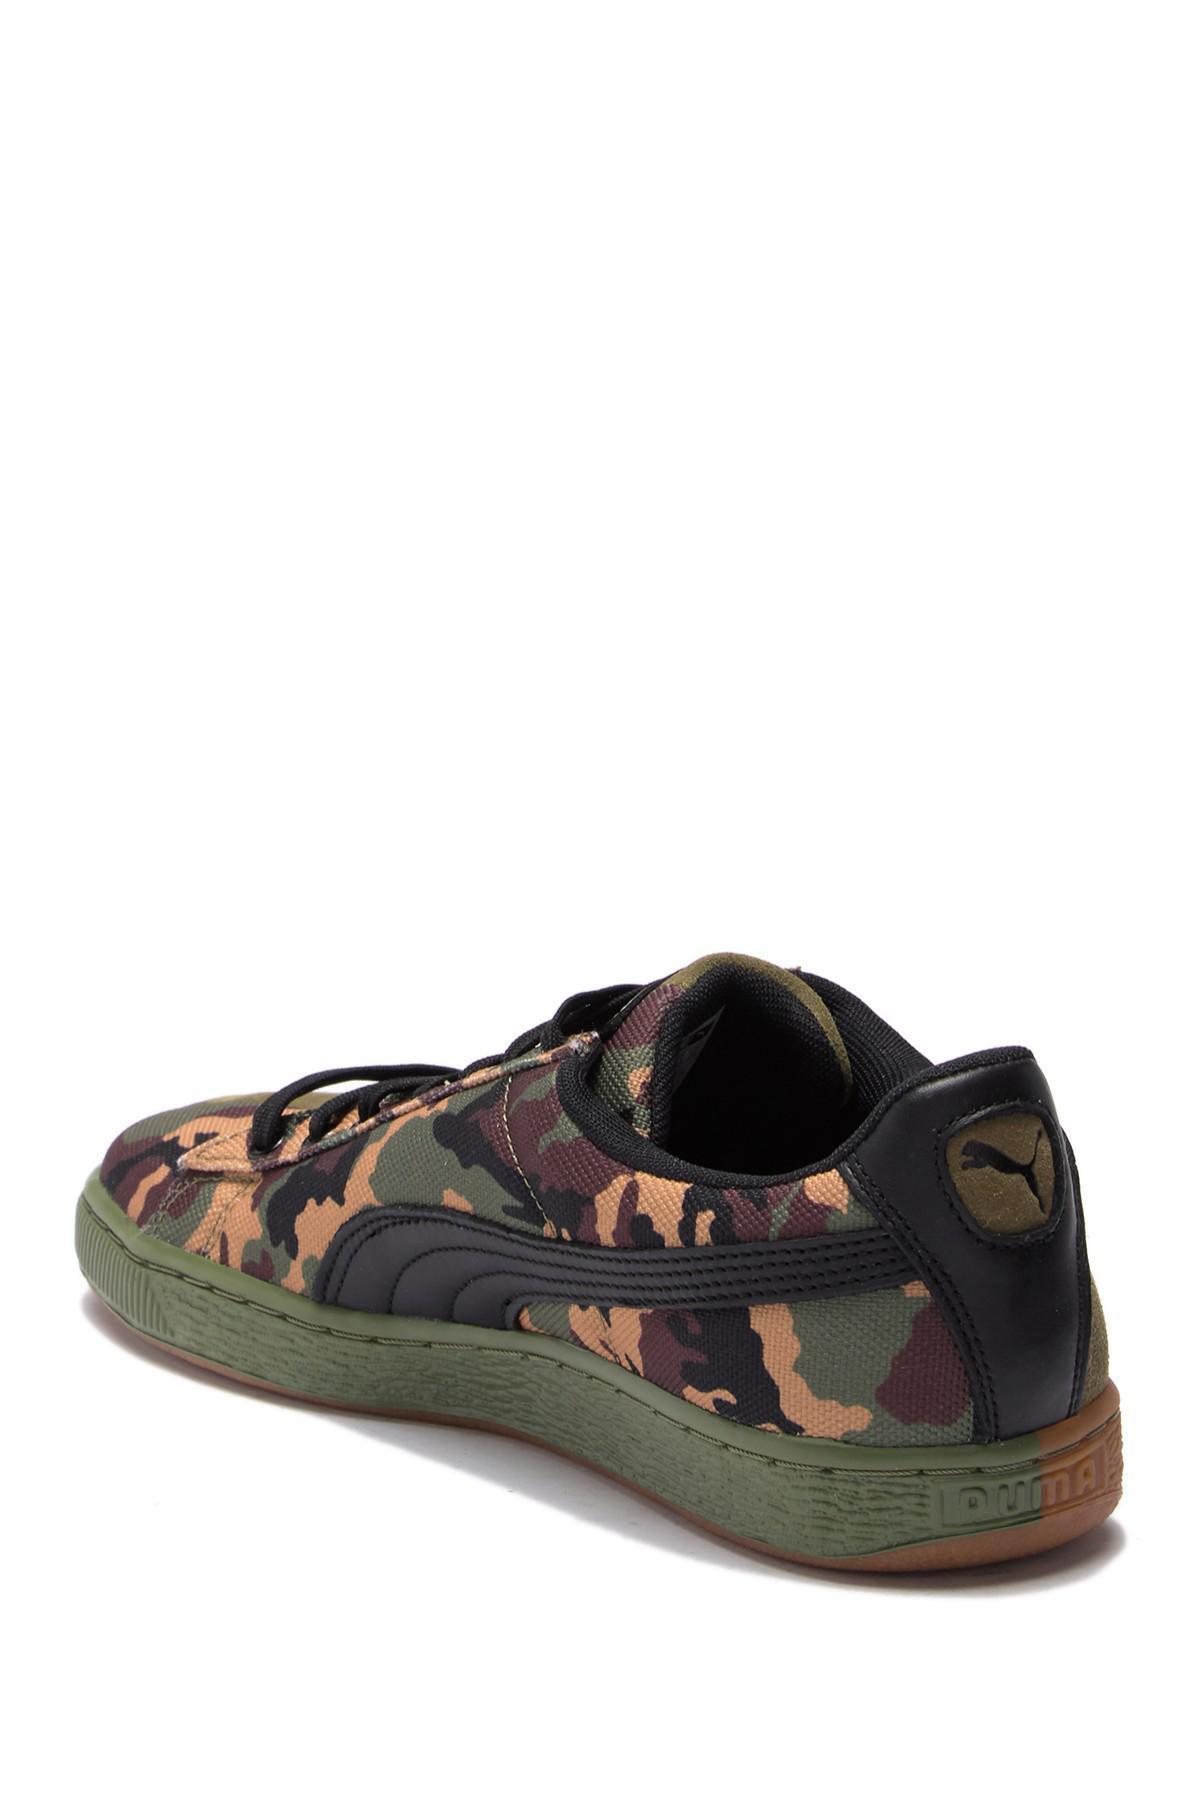 PUMA Men's Suede Sp Low-top Camo Sneakers in Green for Men - Lyst